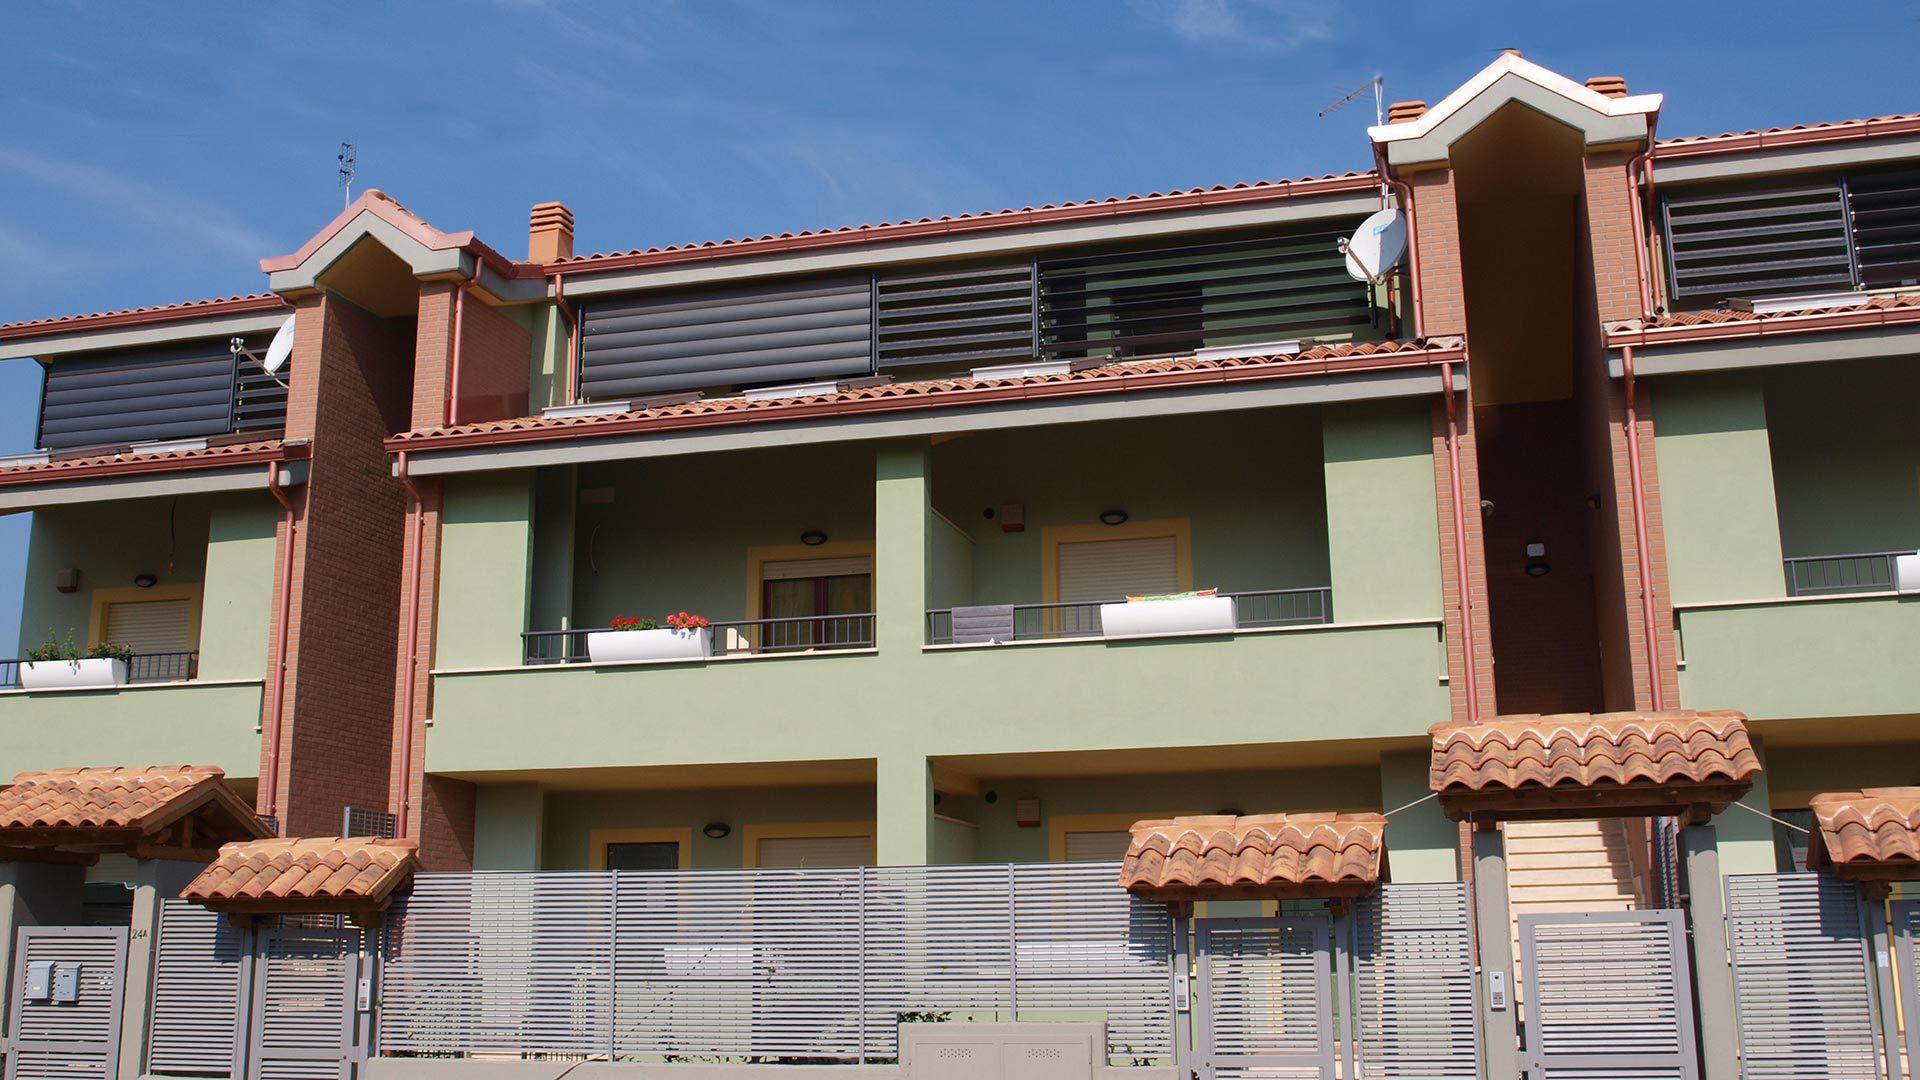 Nuove costruzioni giardini di corcolle roma residenze for Case in vendita roma